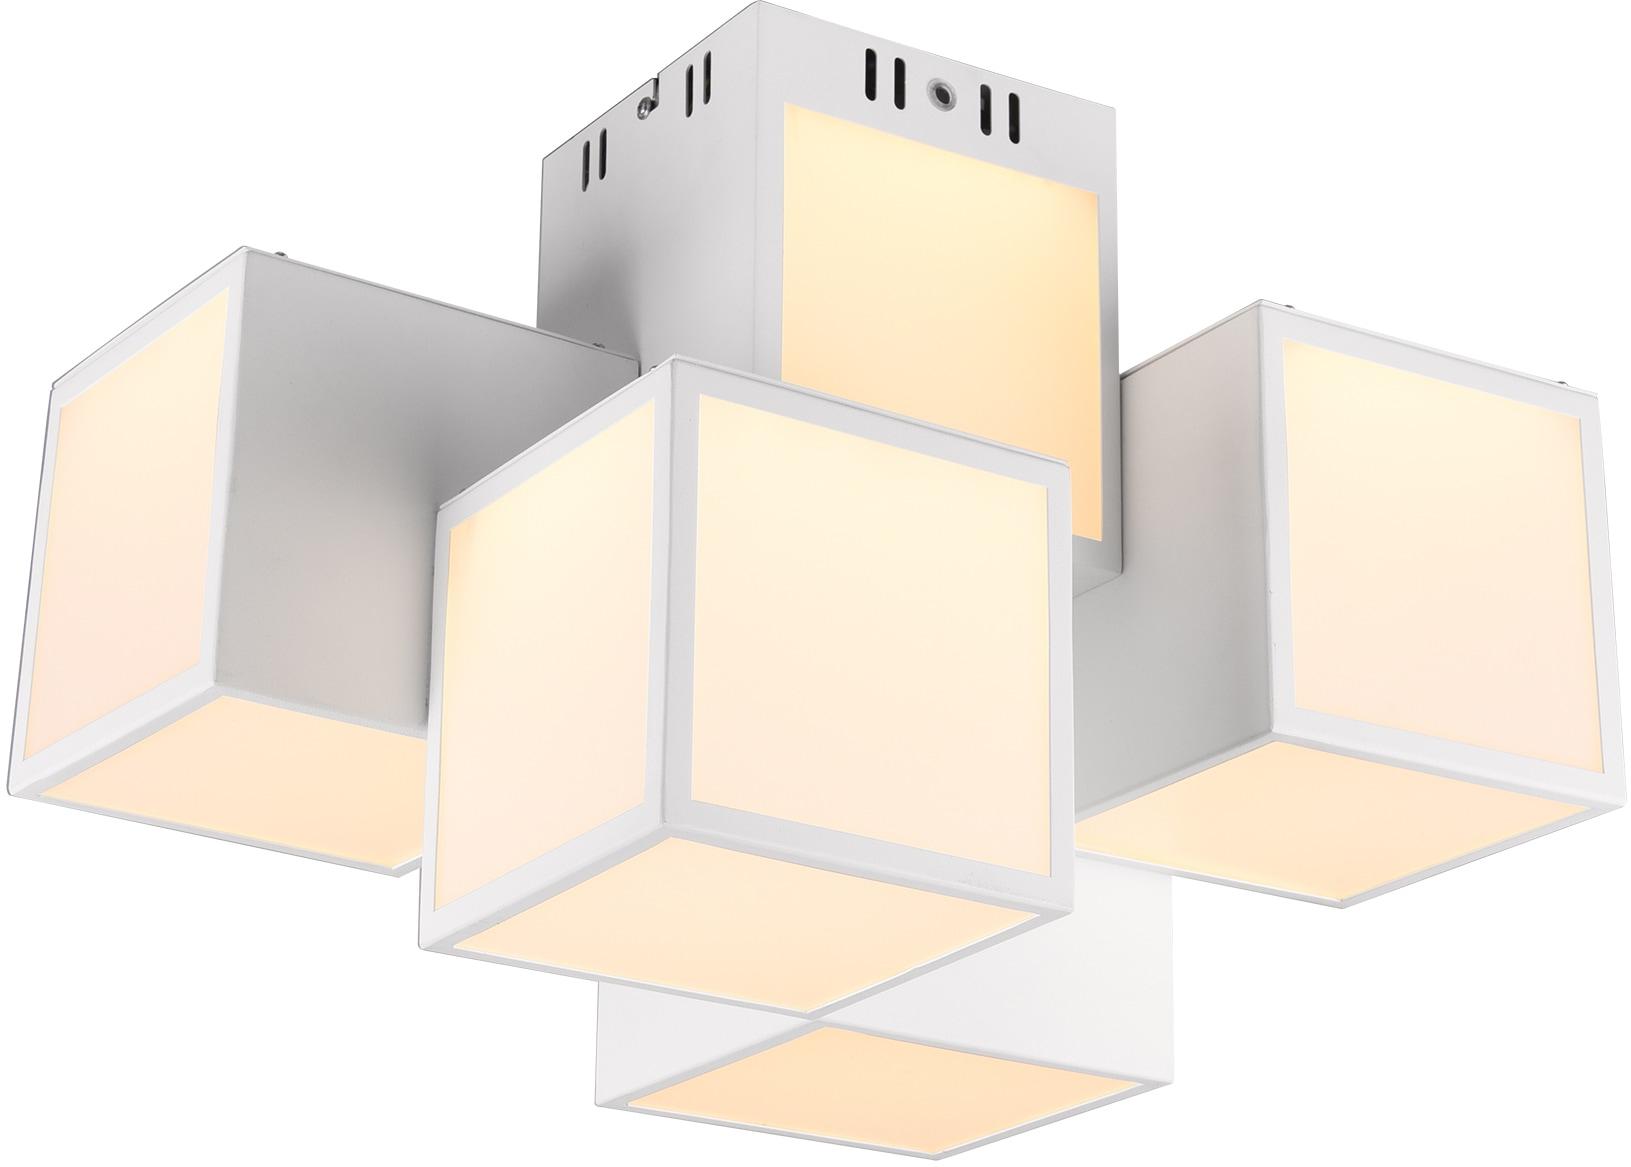 TRIO Leuchten LED Deckenleuchte Oscar, LED-Modul, Farbwechsler